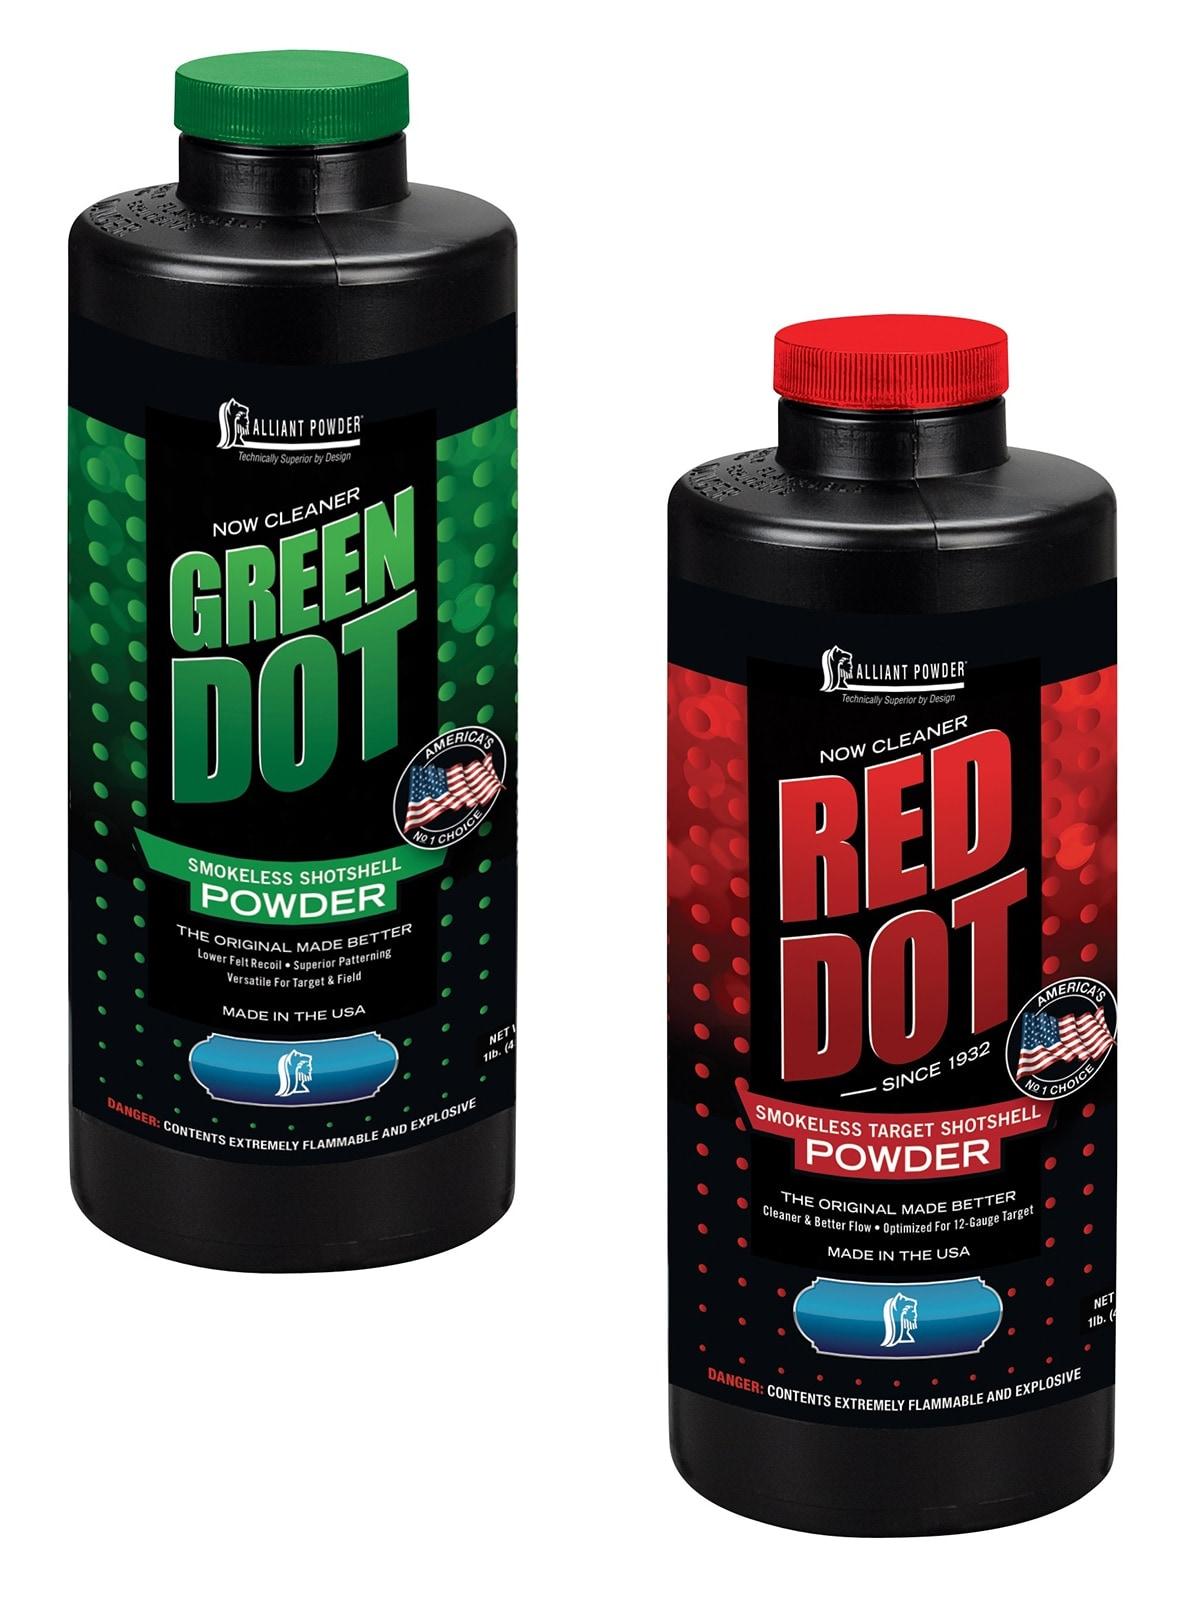 Alliant Powder releases new Red Dot, Green Dot reloading